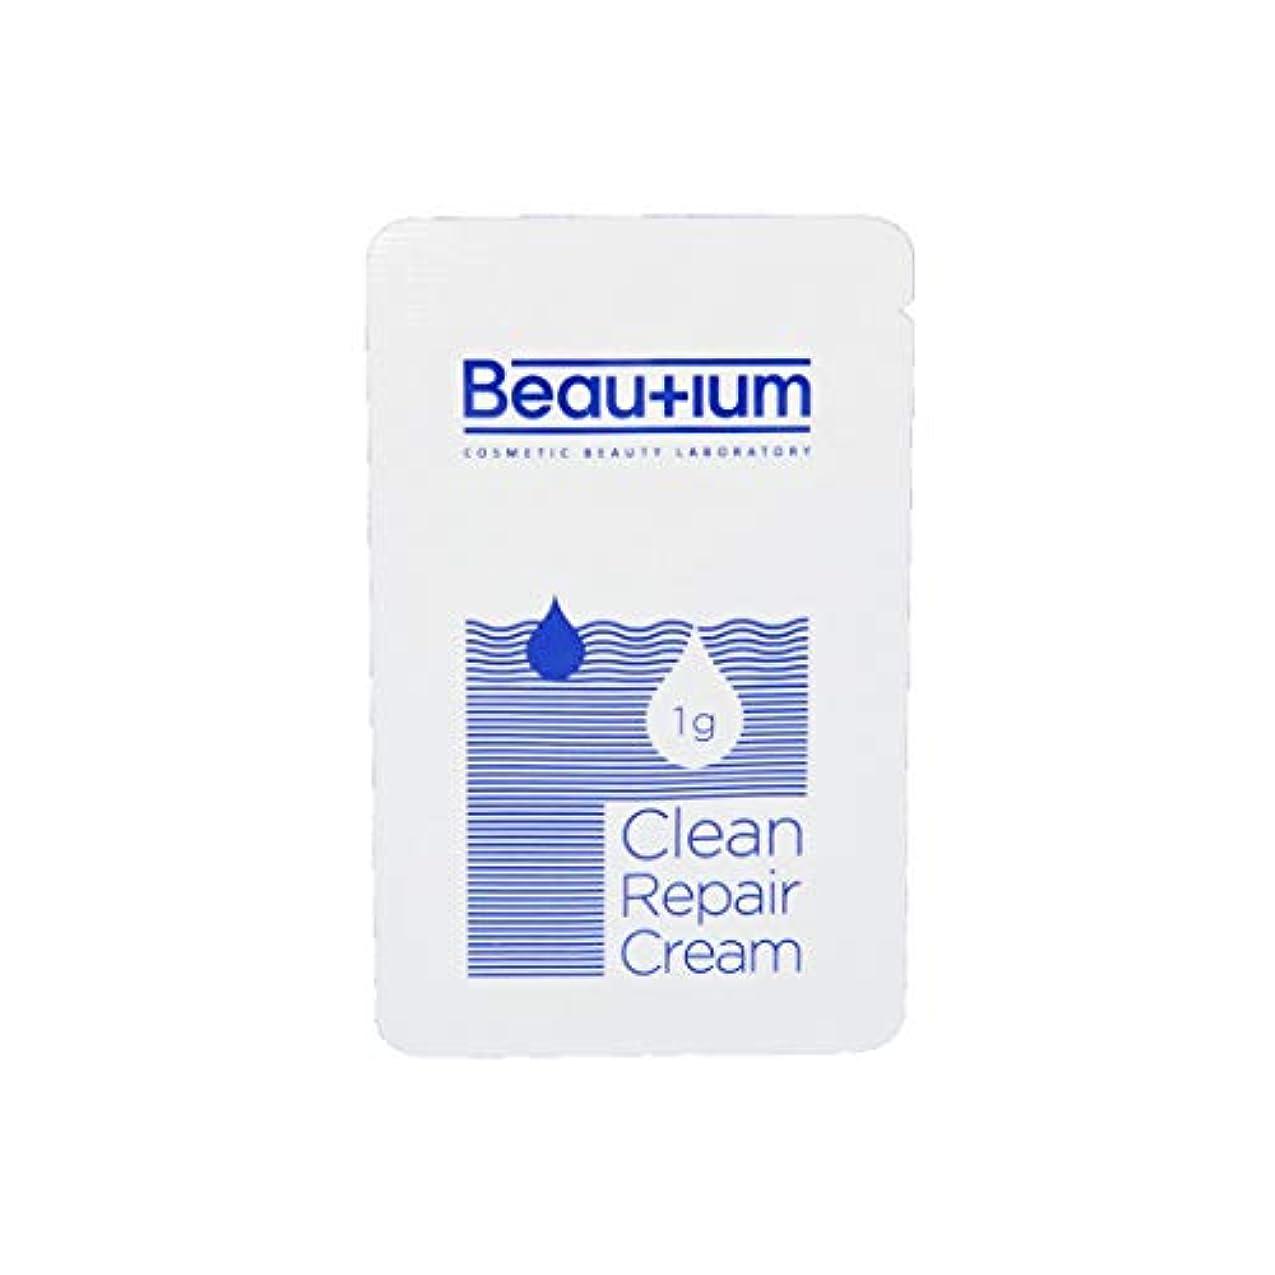 建築論争キュービック[Beautium] クリーン修理クリーム1g * 100ea有害物質なし敏感肌のため水分栄養の供給で早く鎮静 뷰티움 클린리페어 크림